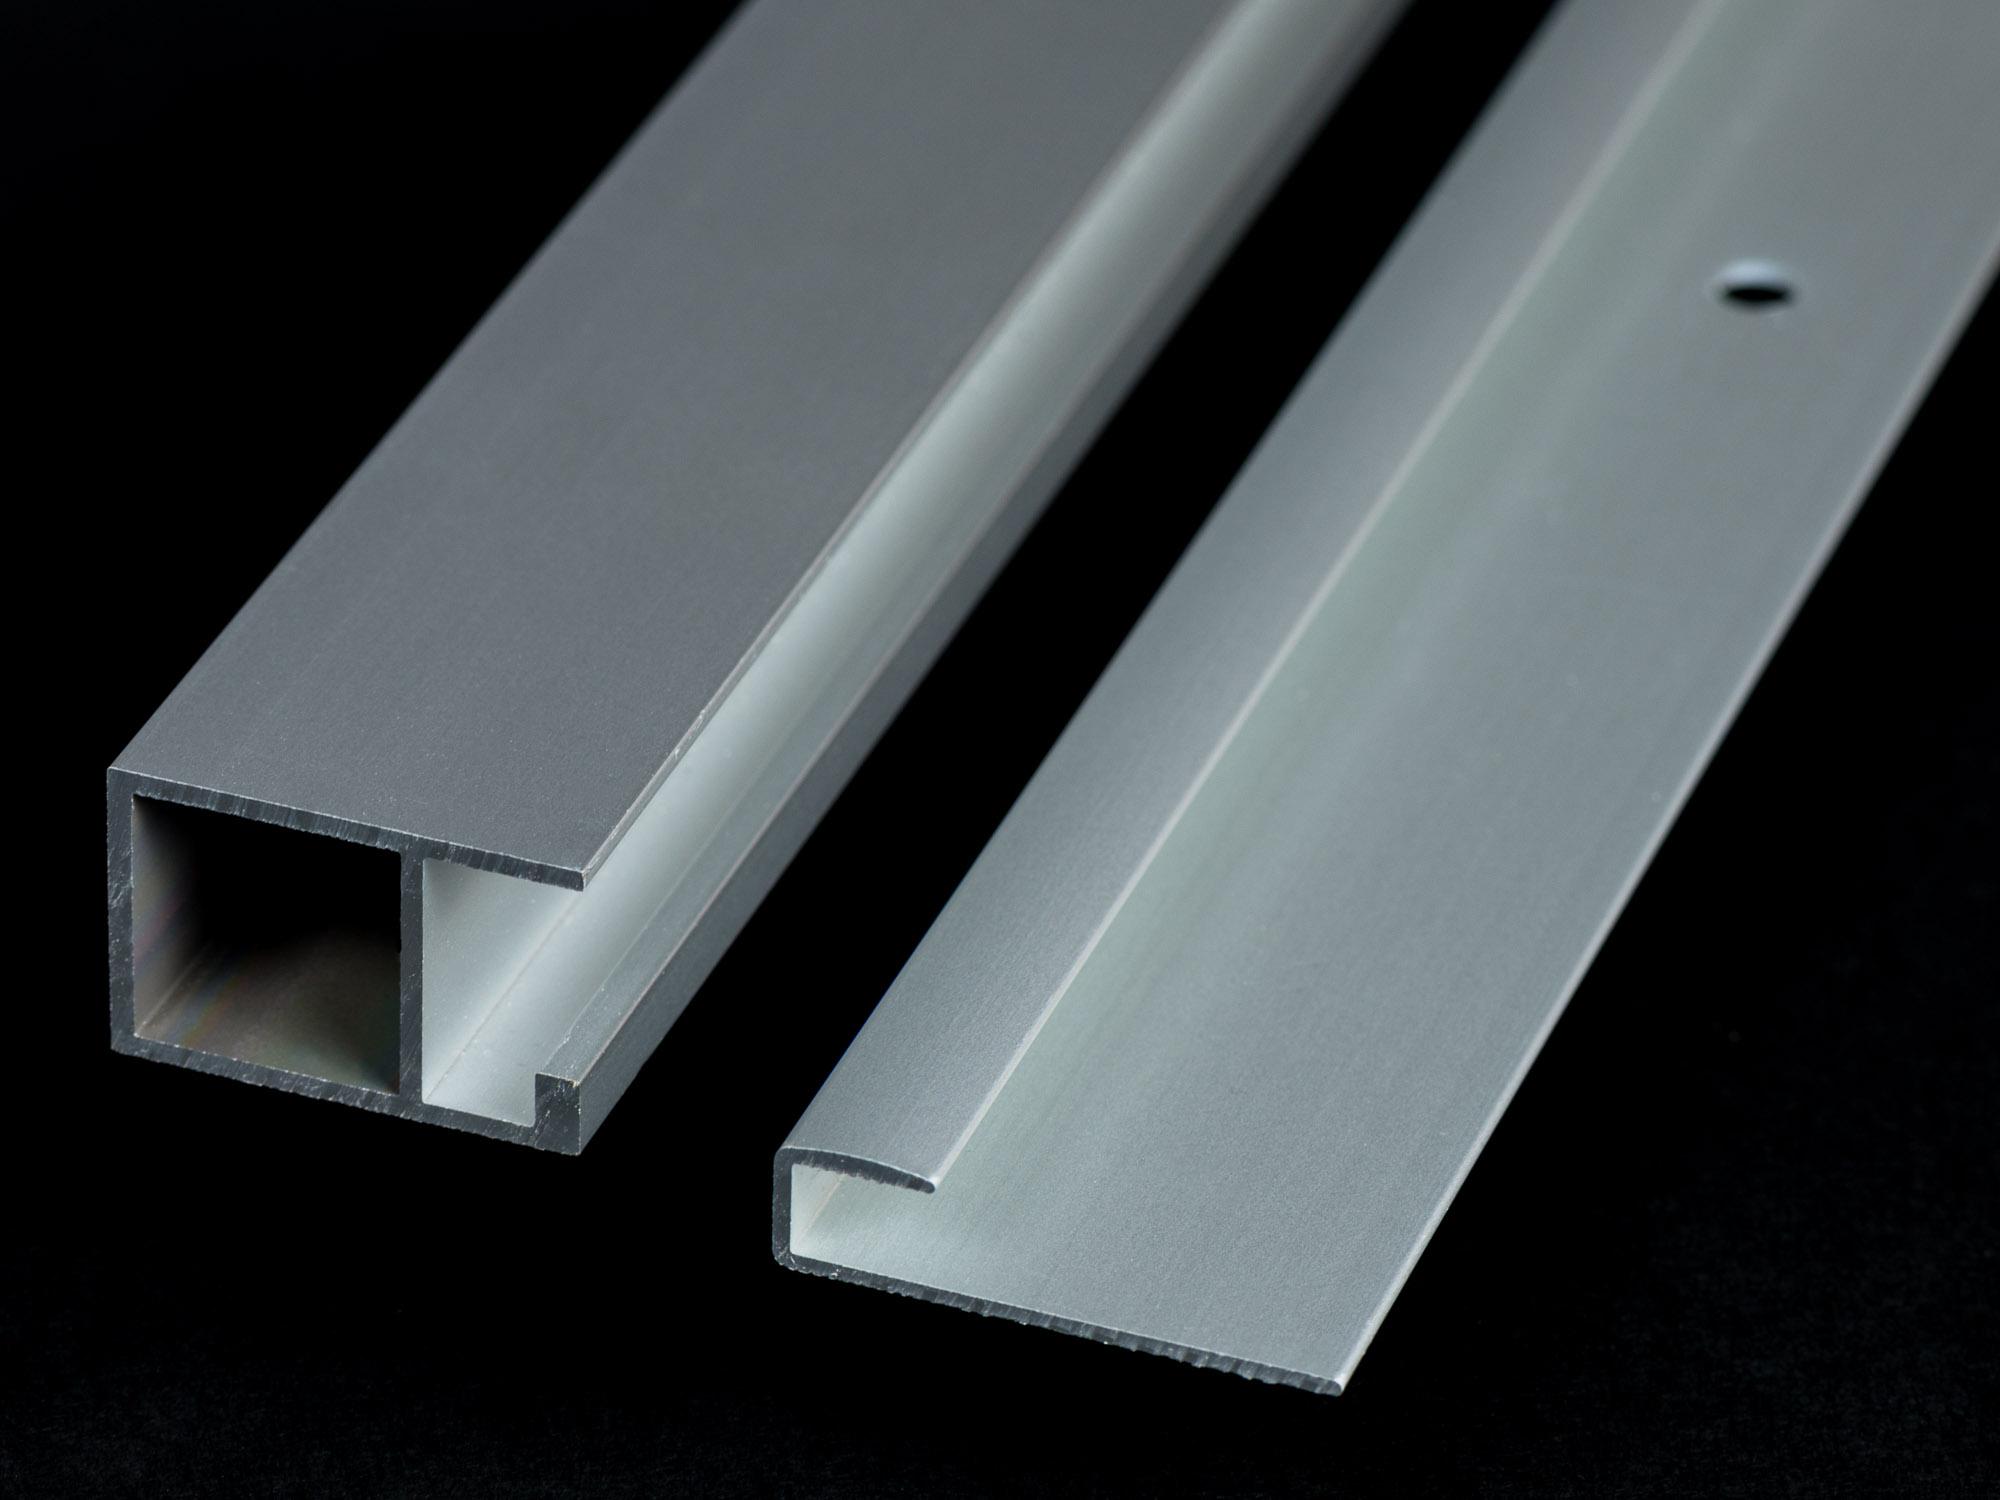 Upphängningslister för utskrift på Plywood